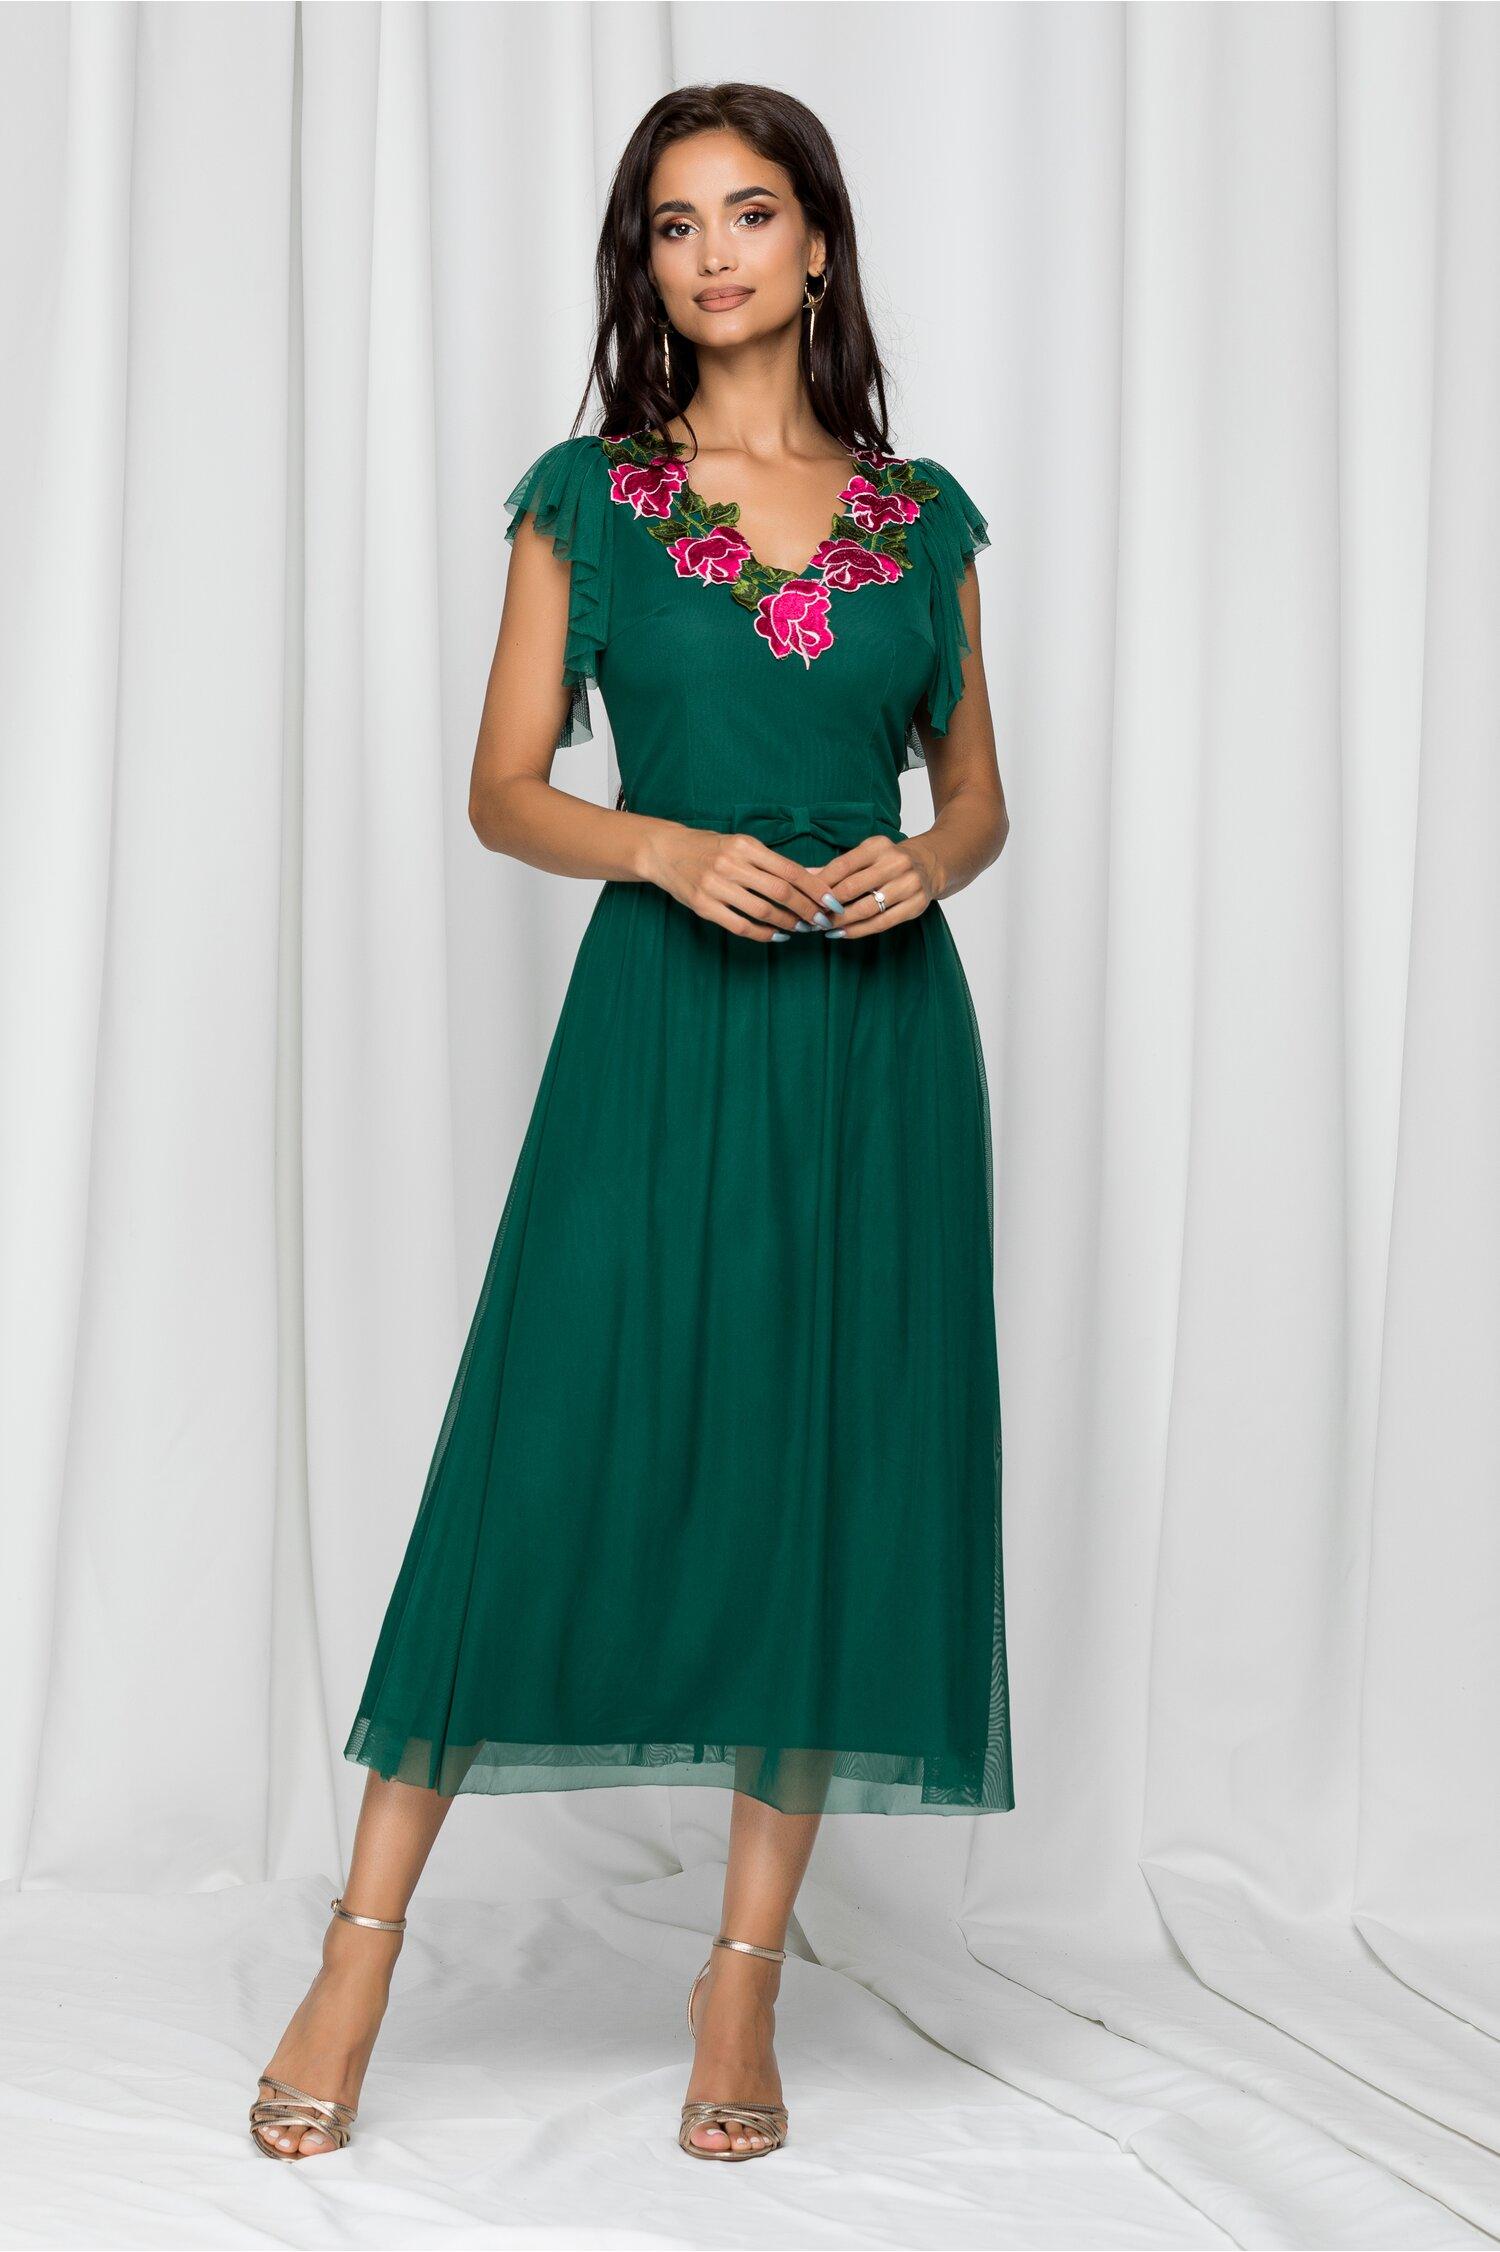 Rochie Moze verde din tulle accesorizata cu flori brodate